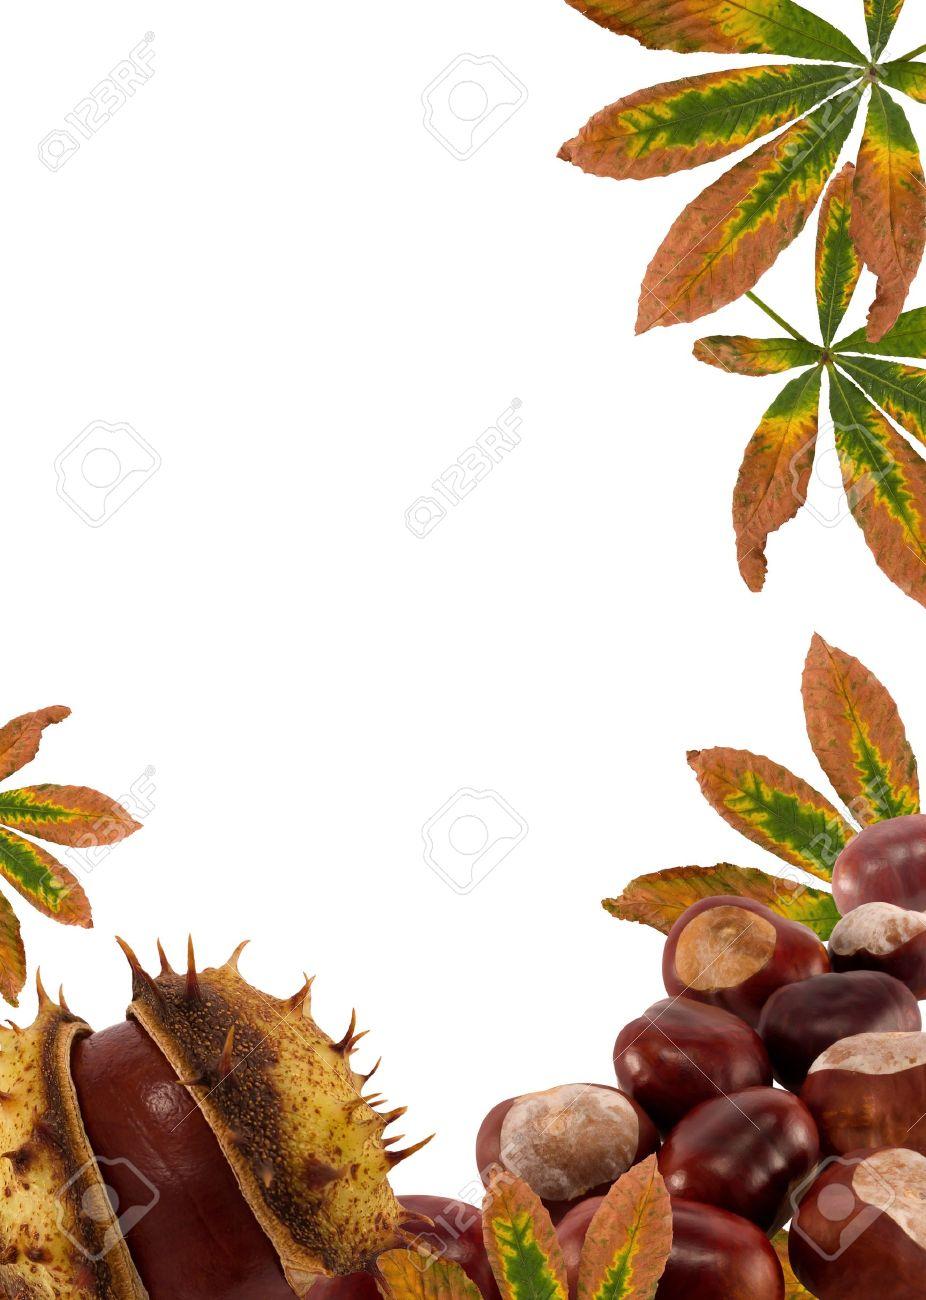 Castañas Y La Naturaleza Leaves.Autumn Marco De Fondo Para El Texto ...